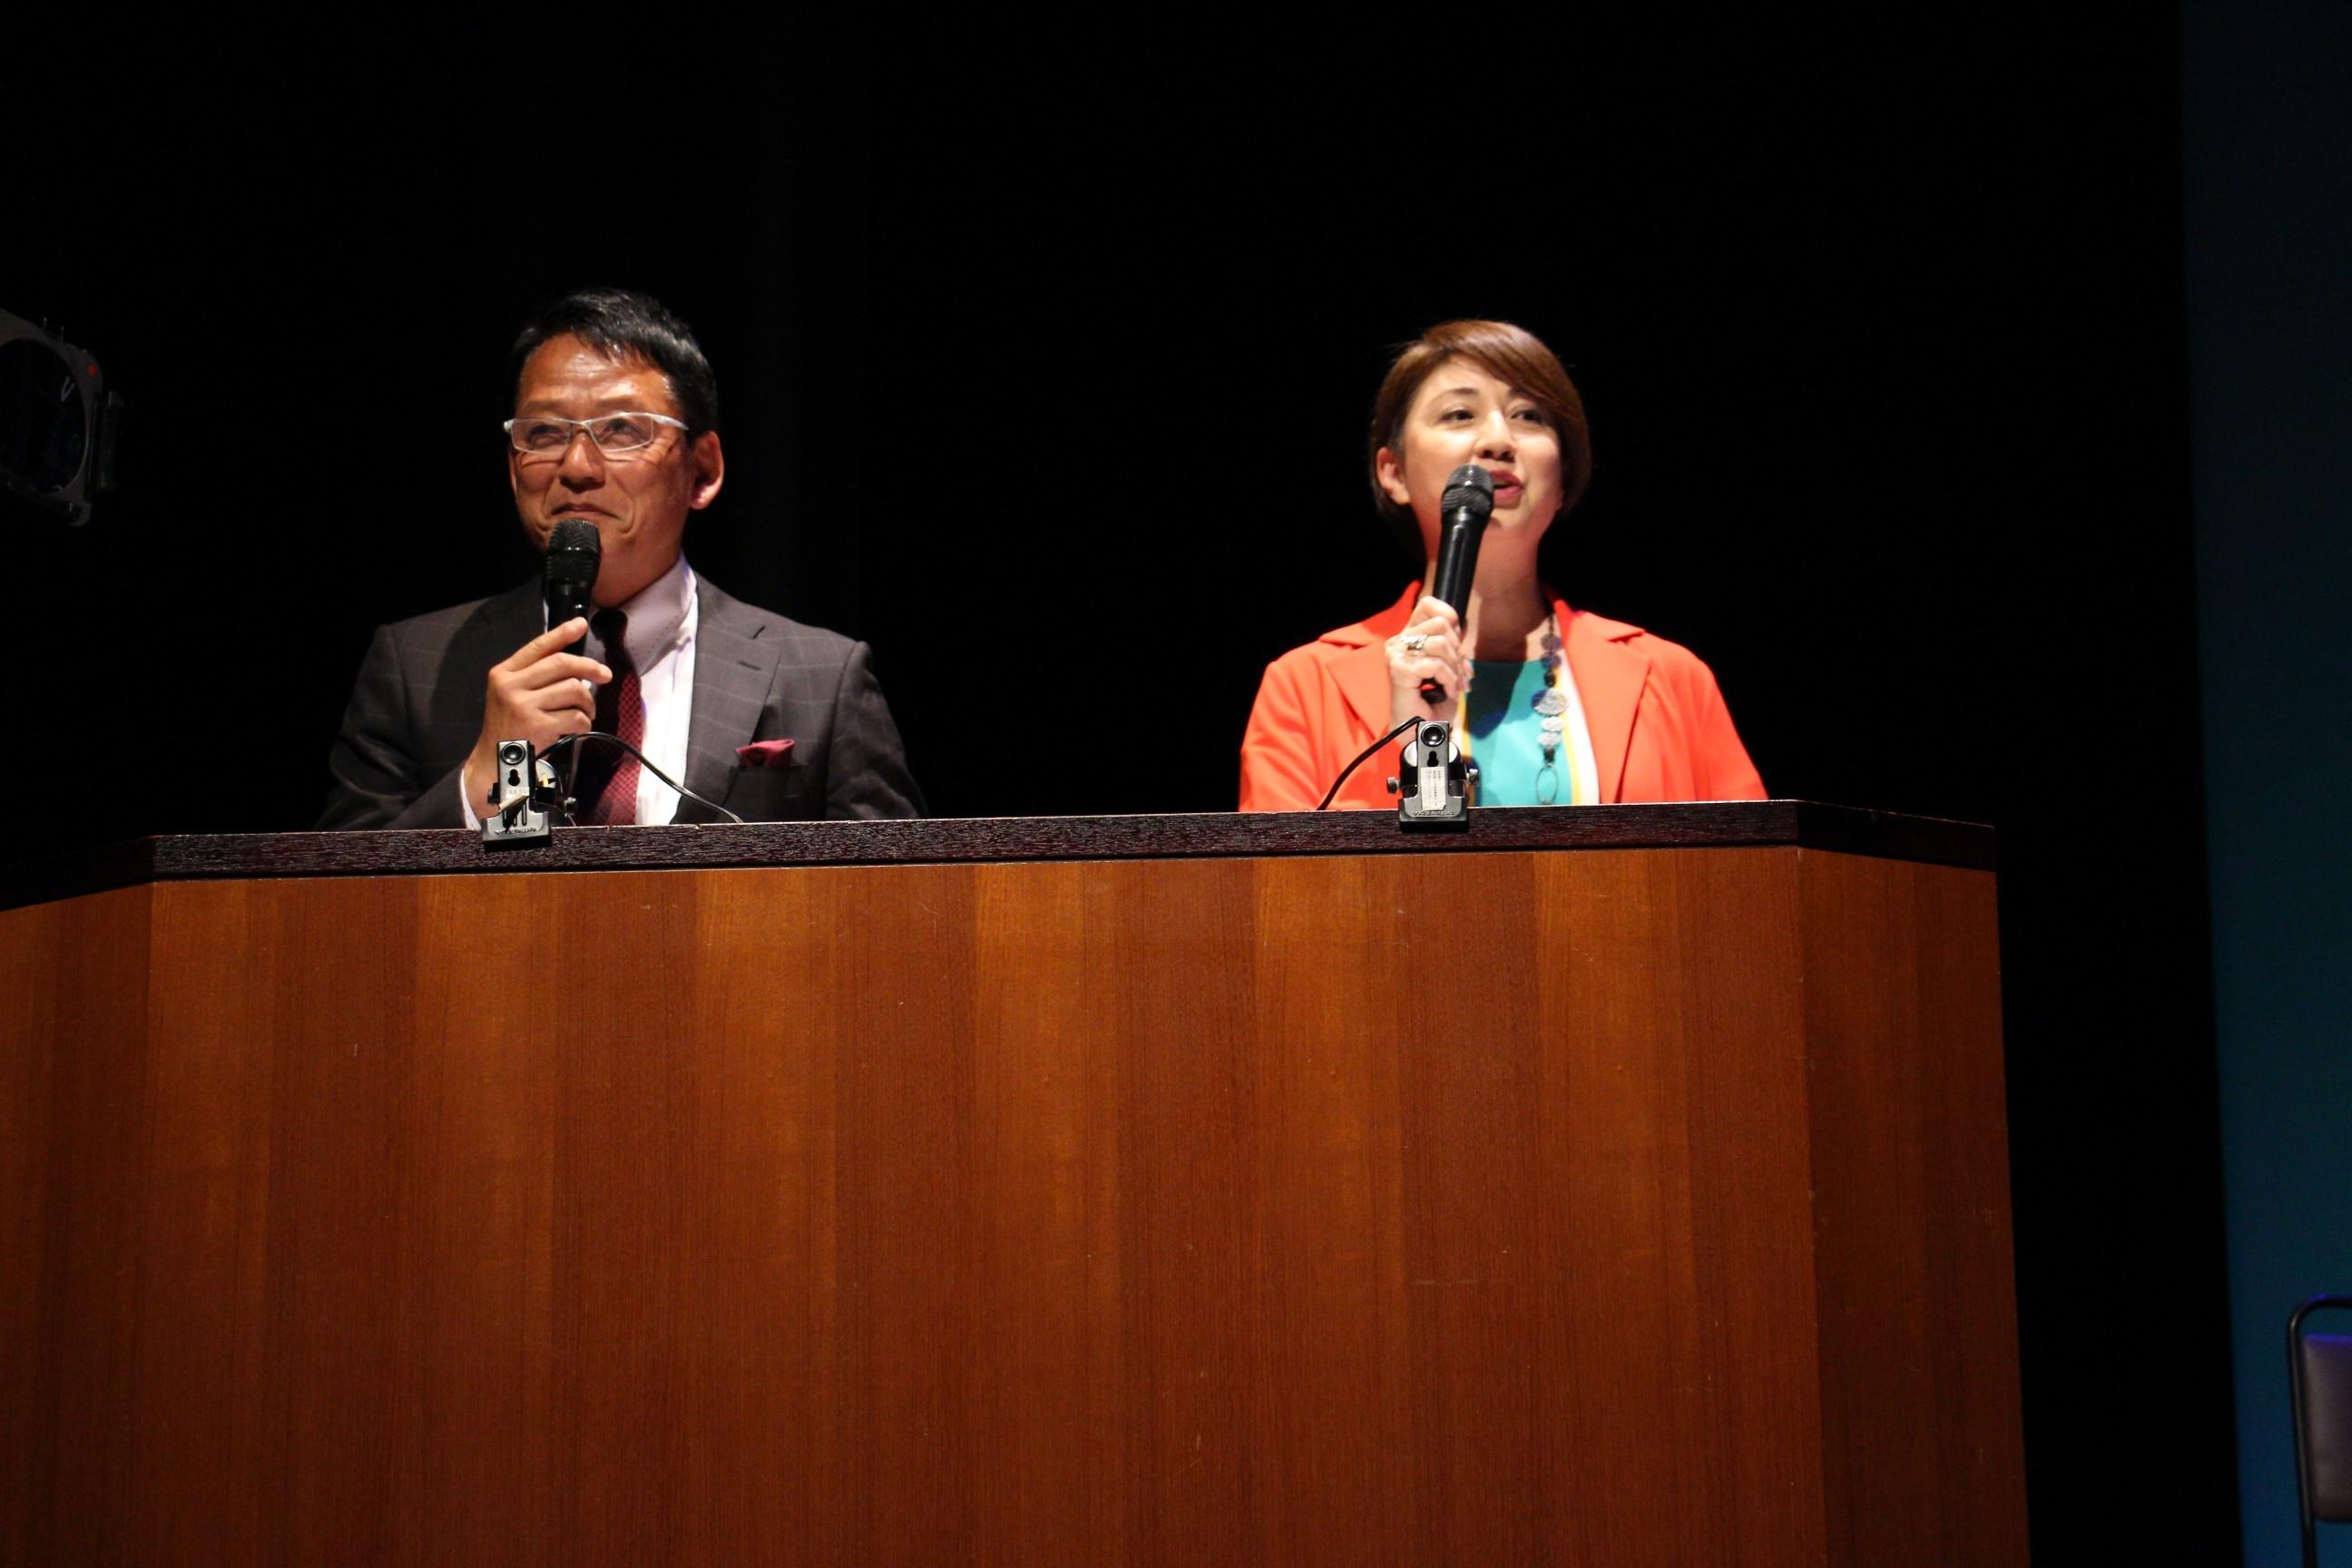 左から、司会のさえばとむ、飯星景子